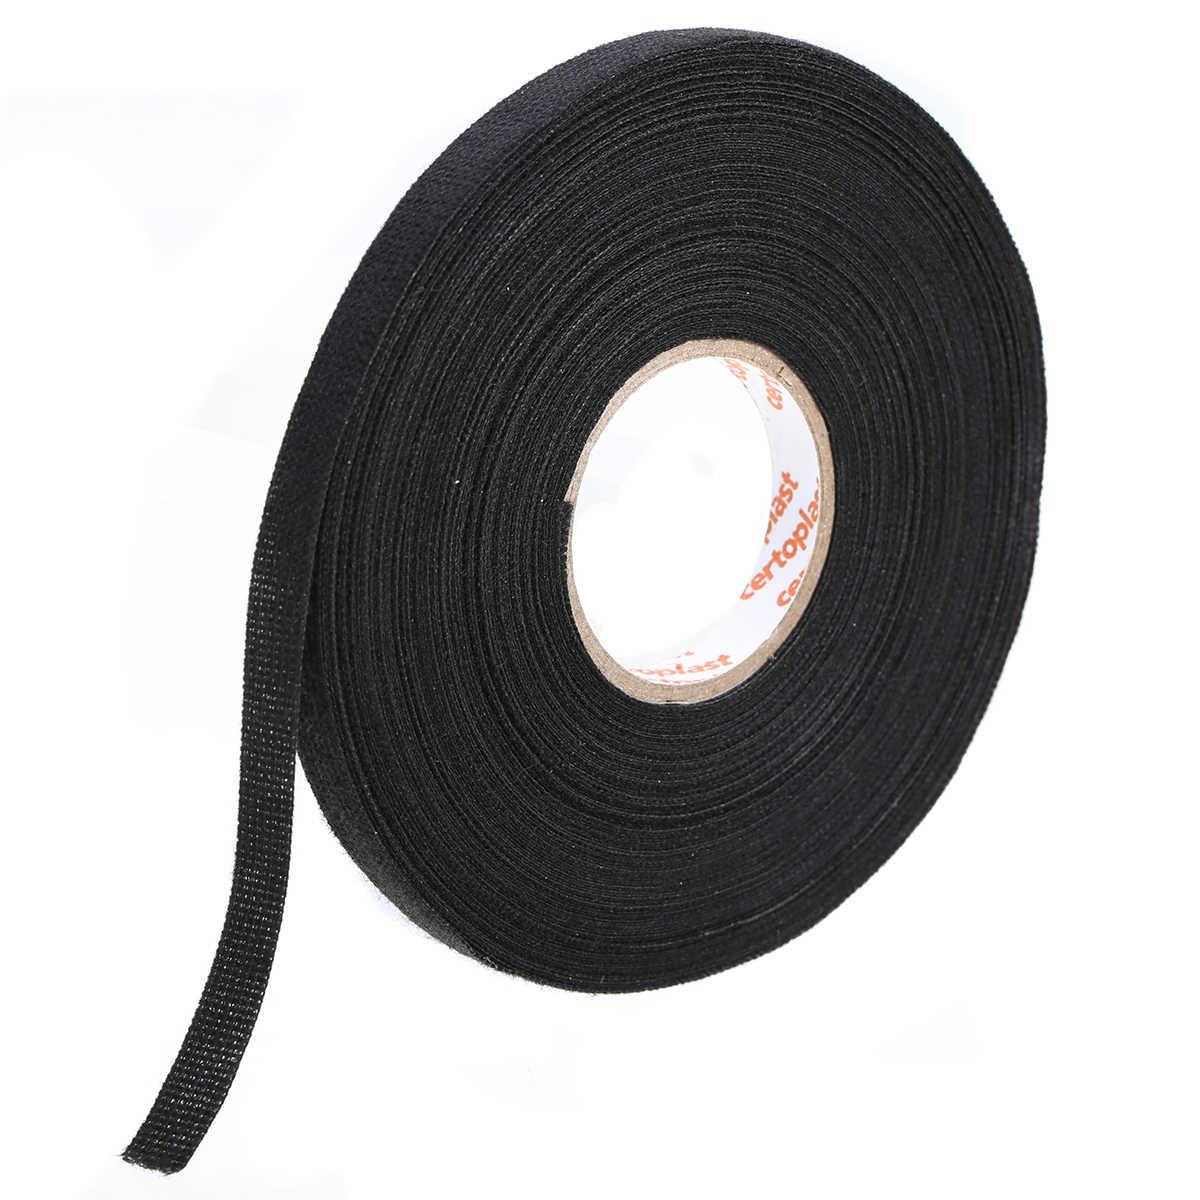 1pc black anti wear adhesive cloth fabric tape looms wiring harness tape 25m x 9mm  [ 1200 x 1200 Pixel ]